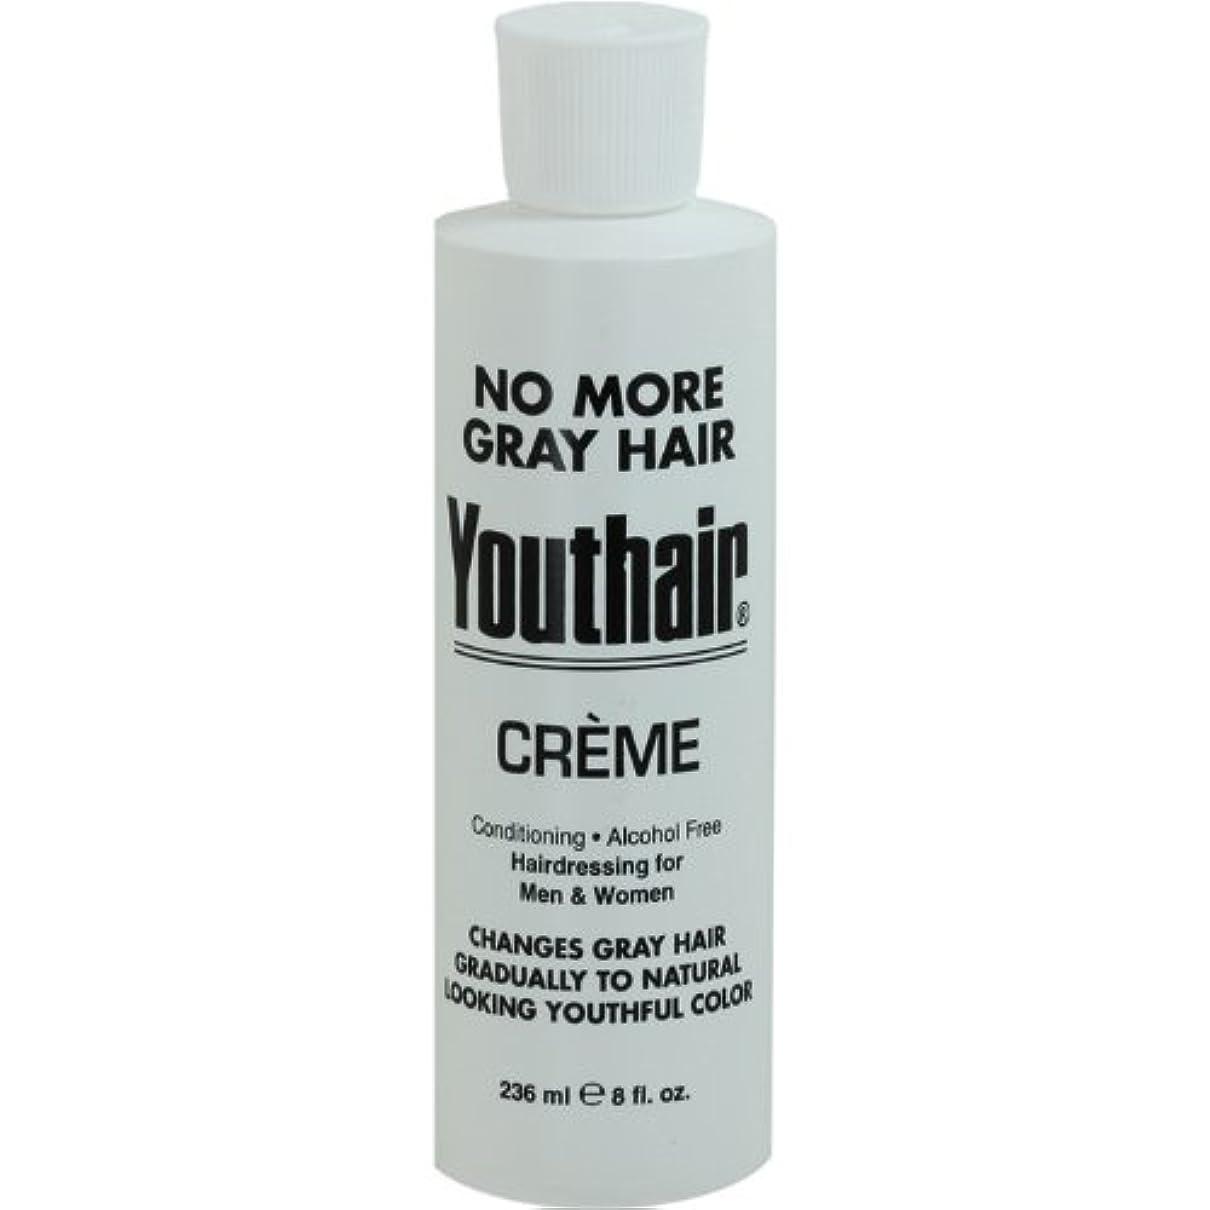 モチーフインレイシャーロックホームズYouthair Creme, Round Bottle, 8 Ounce by Youthair